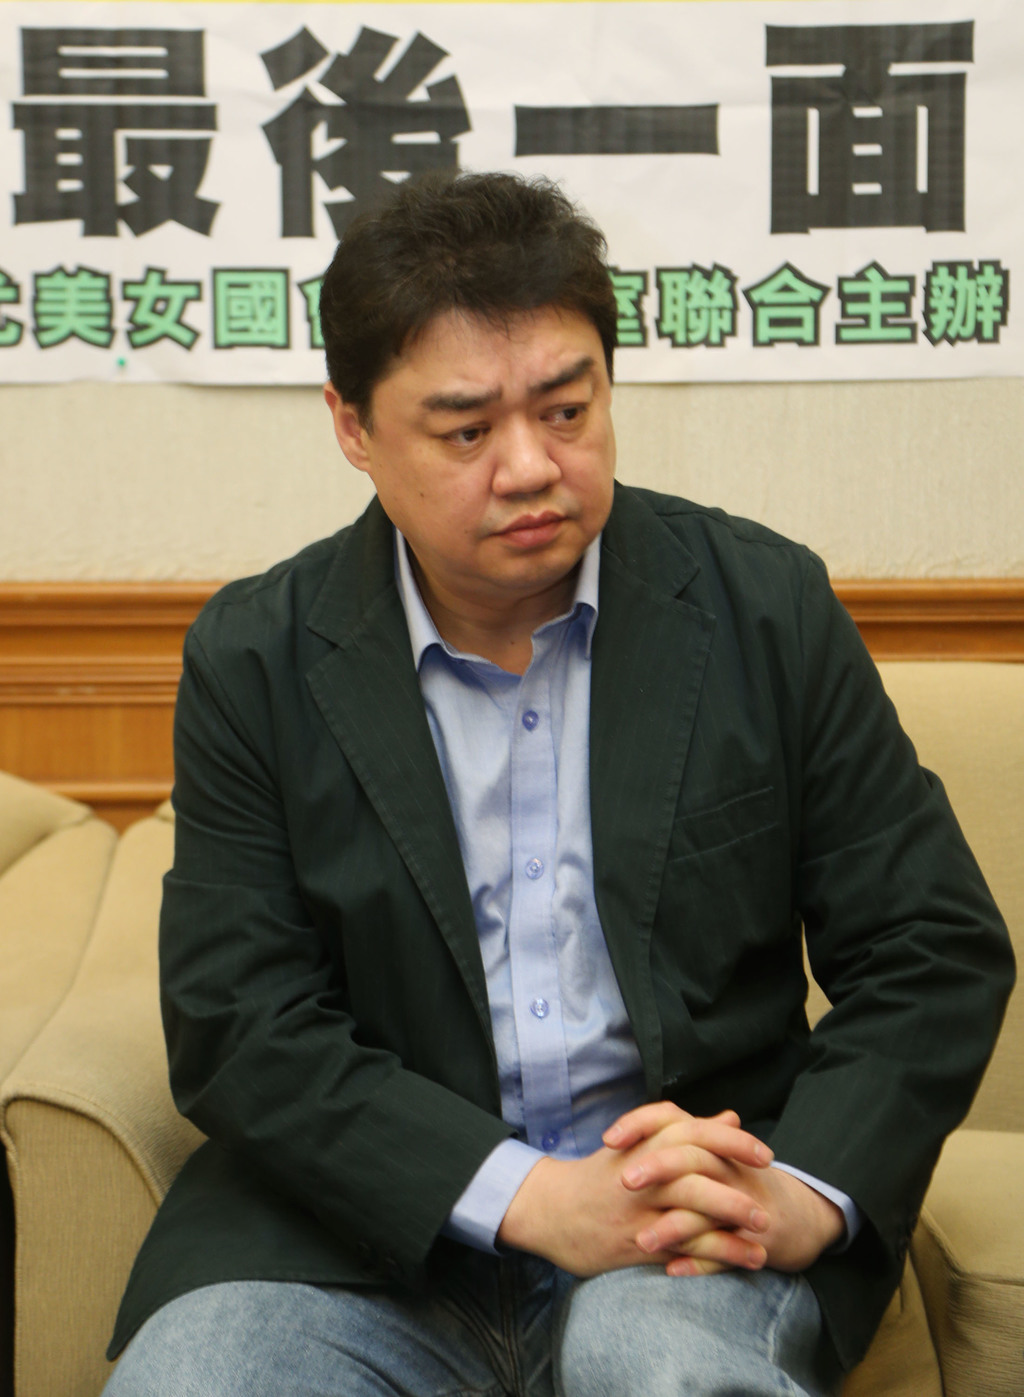 前中國民運人士吾爾開希(照片來源:資料照片/中央社提供)